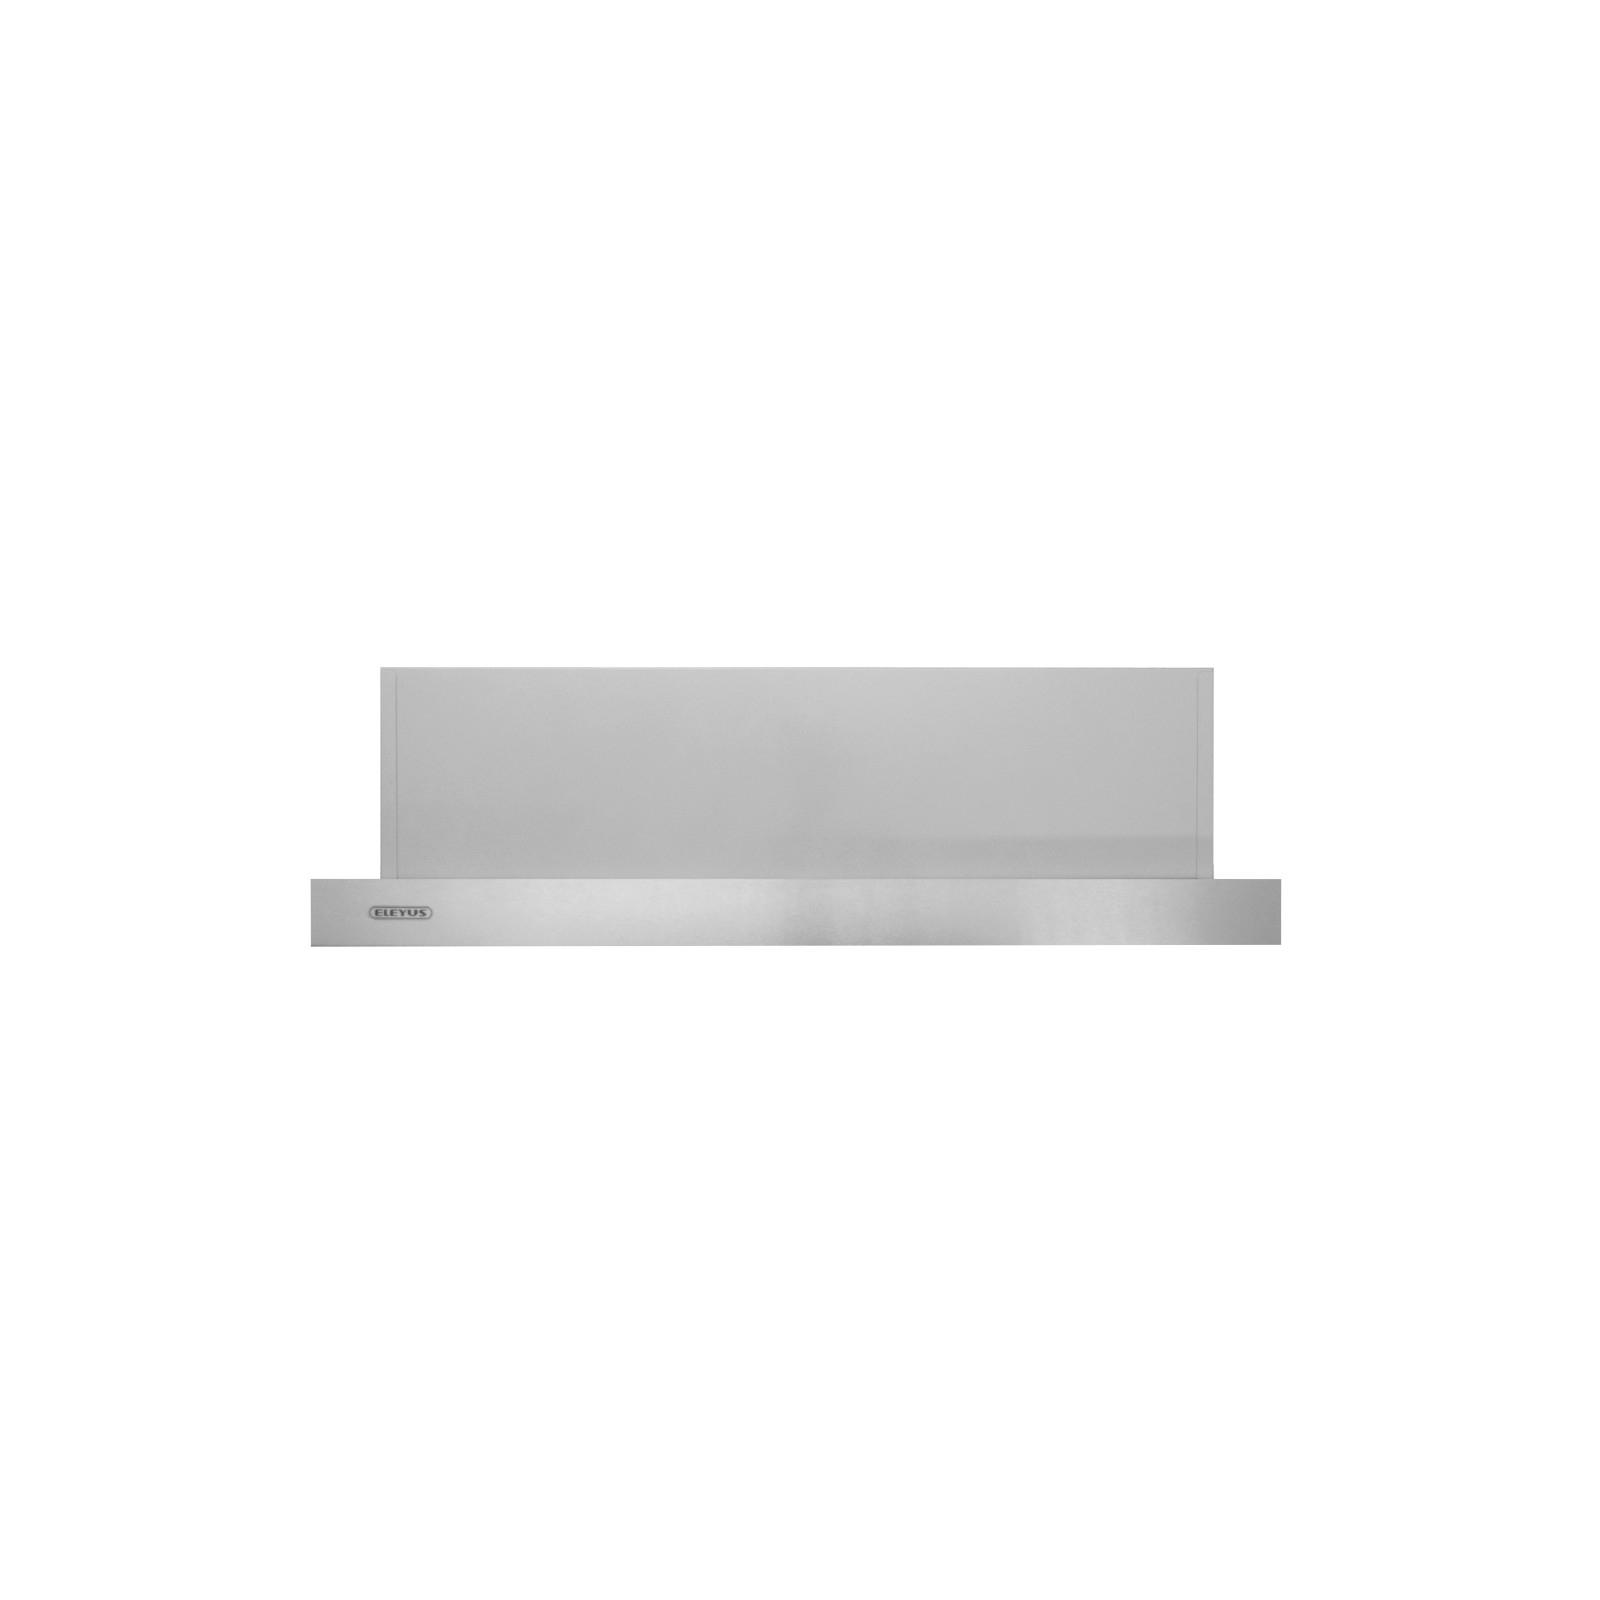 Вытяжка кухонная Eleyus LOTUS 1000 50 INOX изображение 8